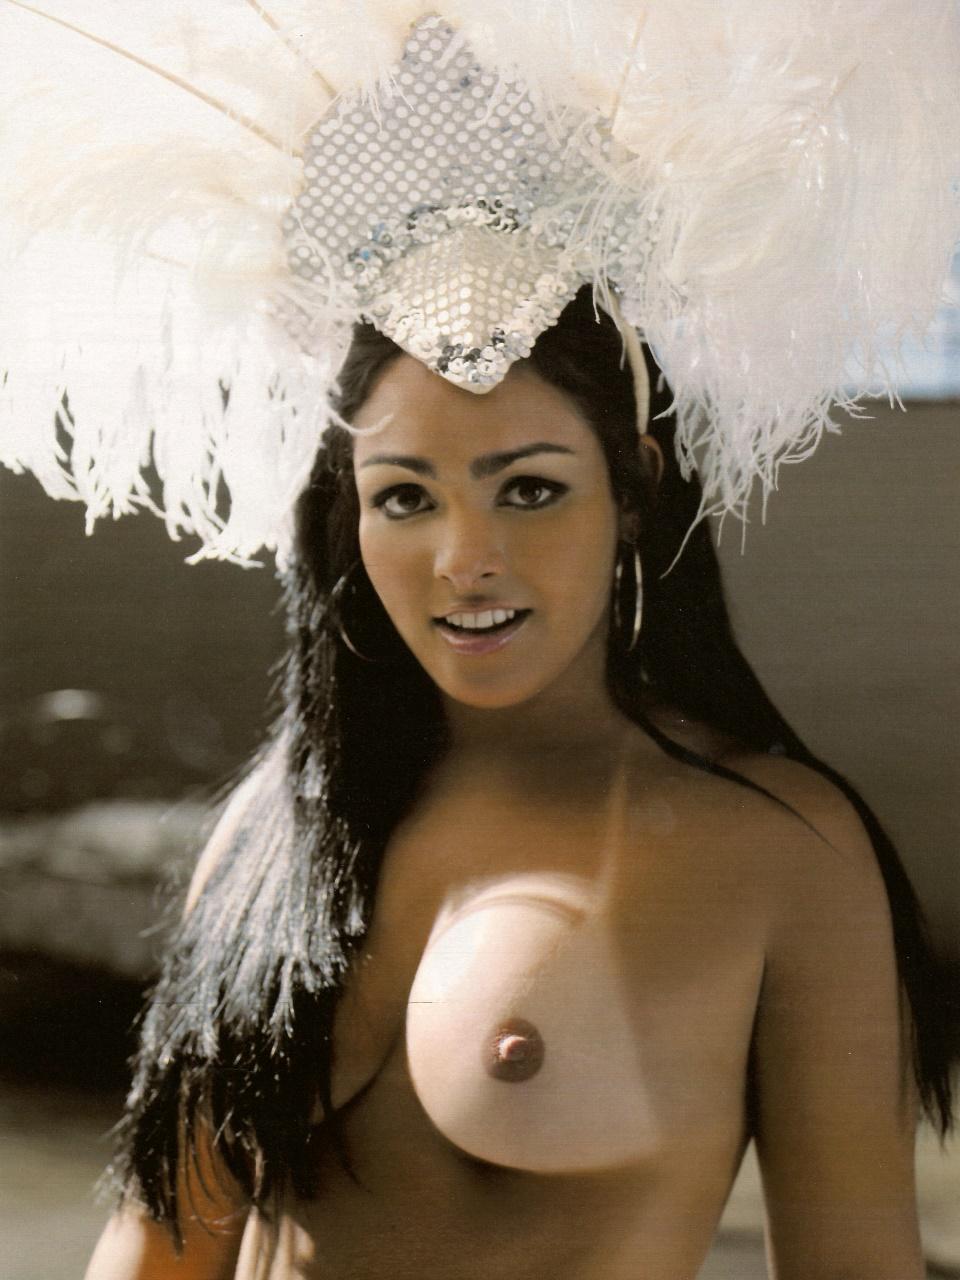 Бразильские женщины плейбой фото 7